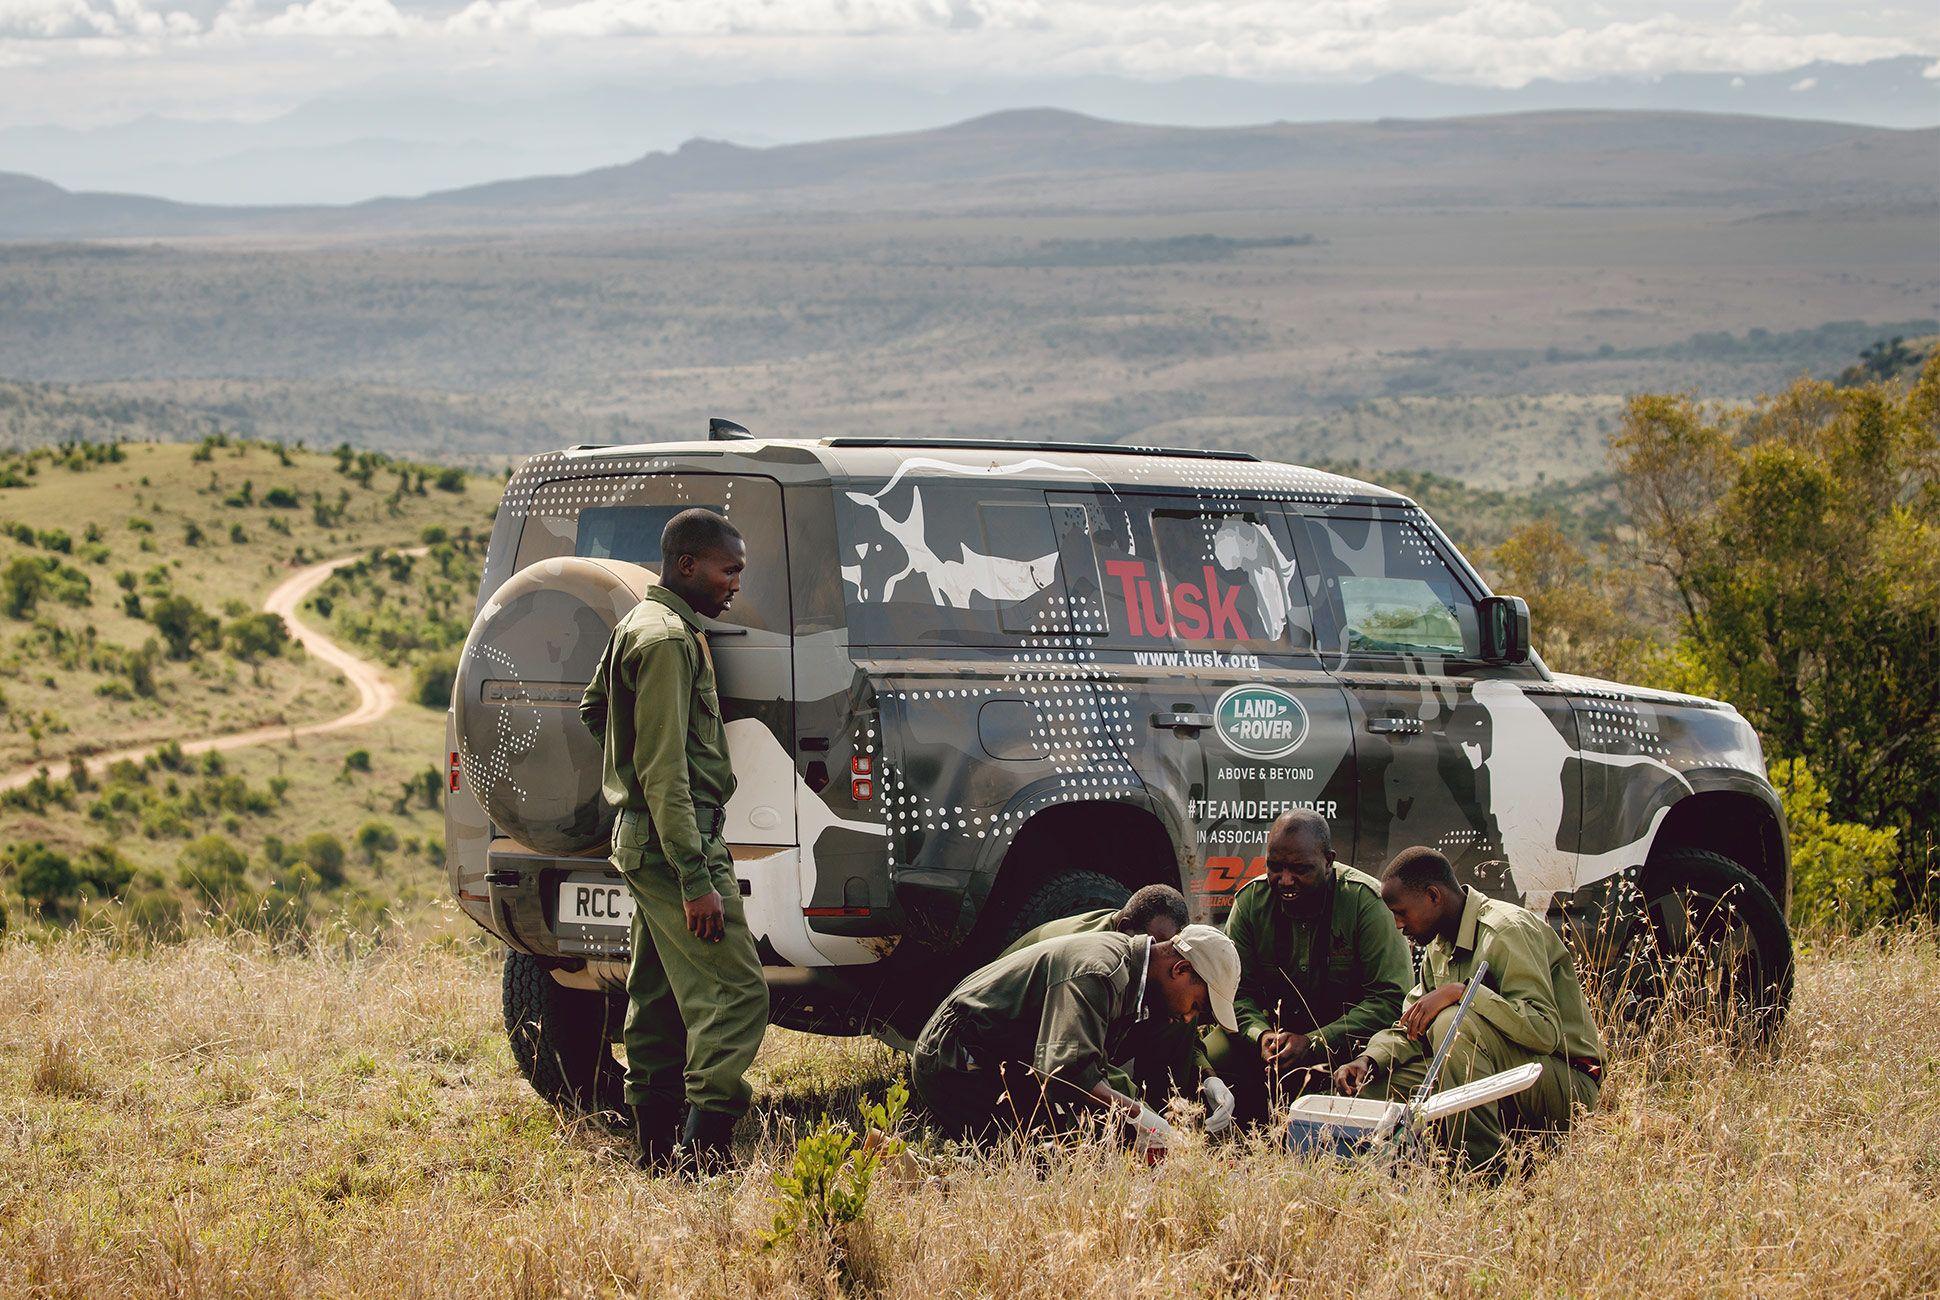 Land-Rover-Defender-Africa-Testing-gear-patrol-slide-5